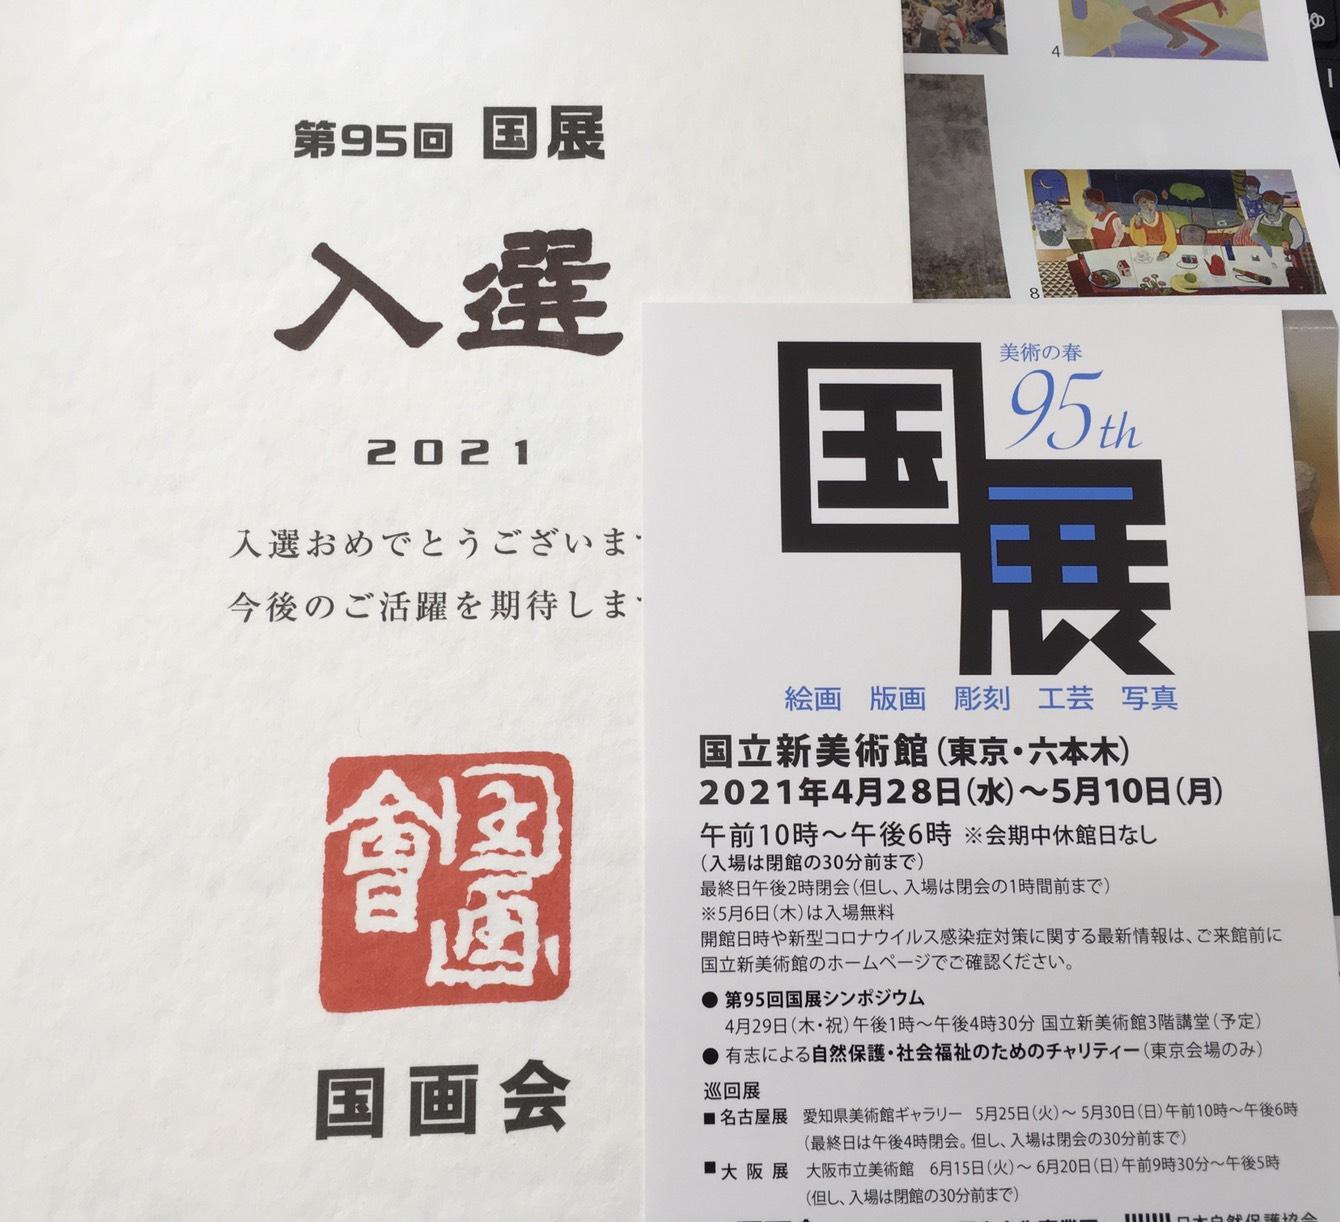 第95回 国展 入賞しました!!(東京展は緊急事態宣言の為、中止)